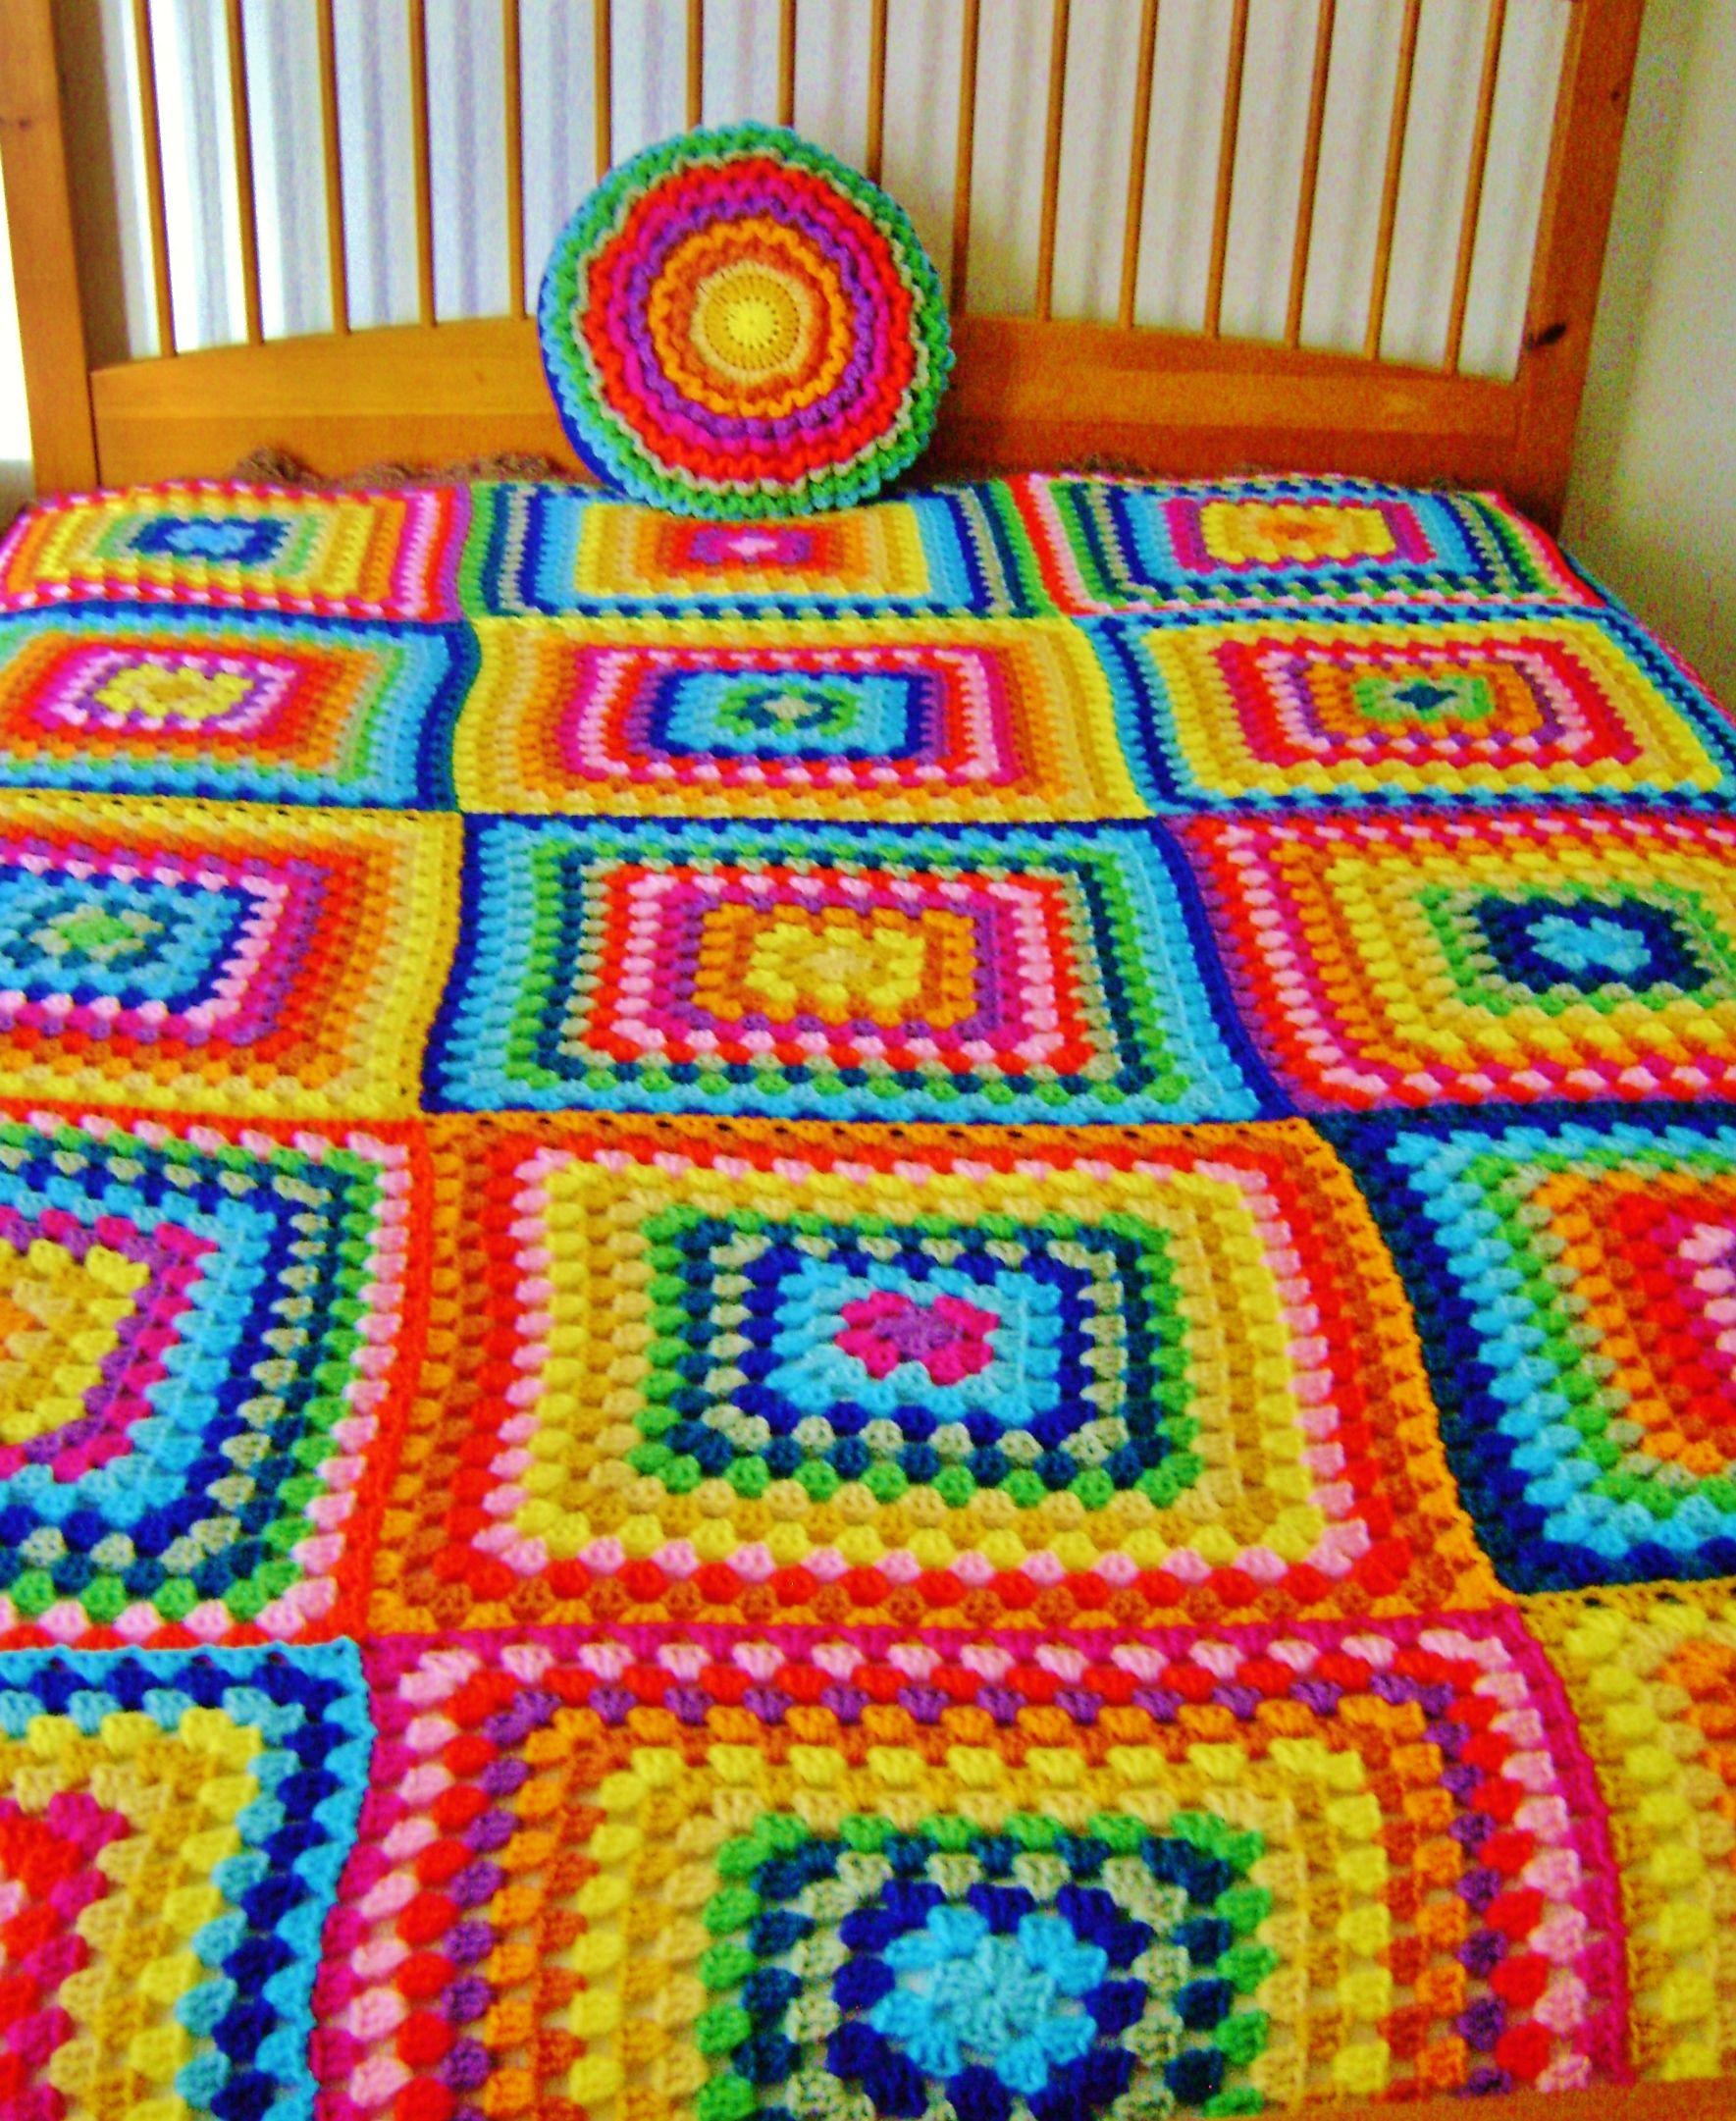 Huge Granny Blanket. | Granny Blanket | Pinterest